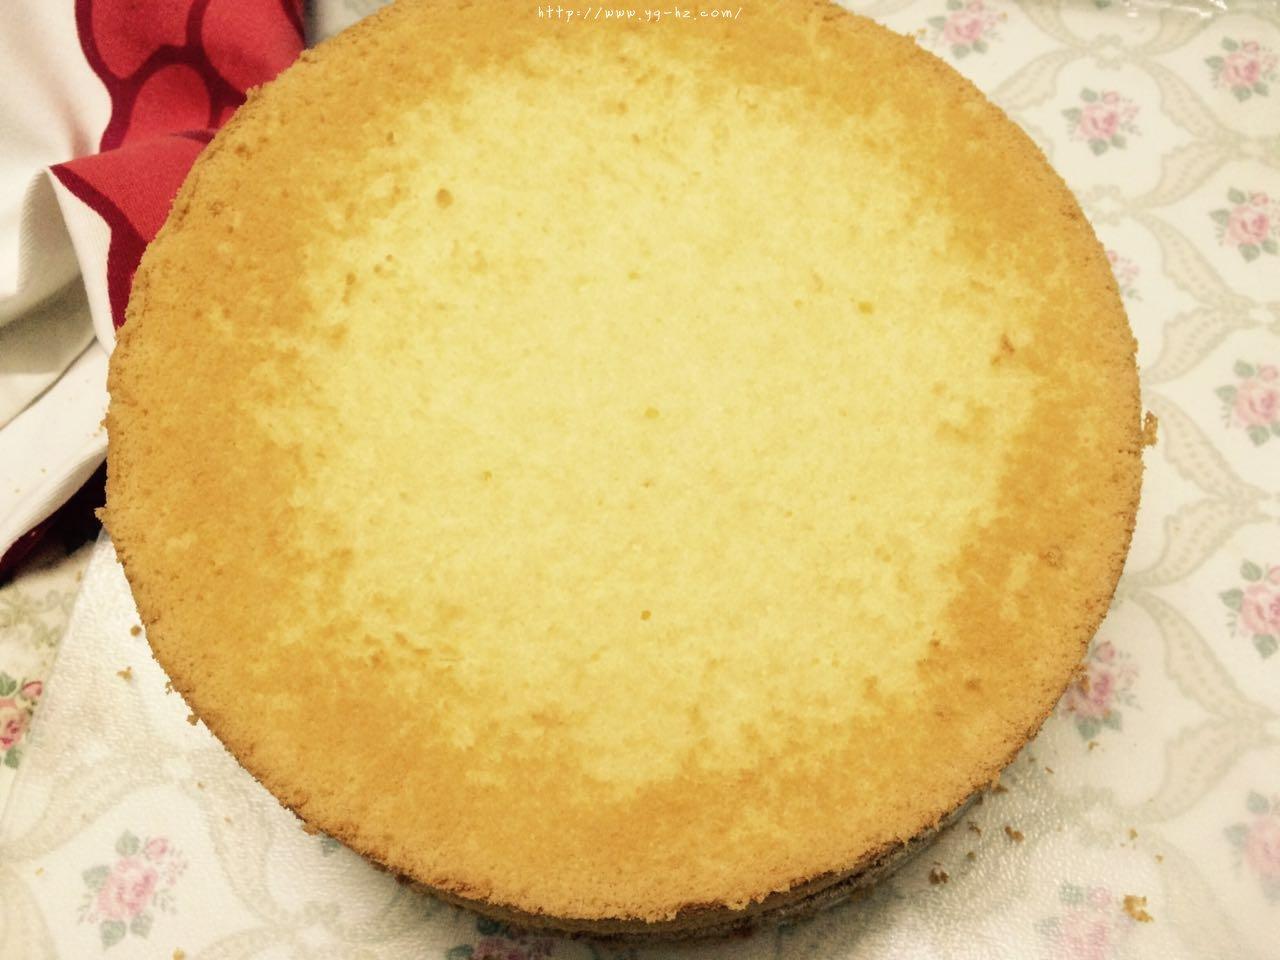 教你做一个不塌陷不缩腰口感细腻的戚风蛋糕(八寸)的做法 步骤8